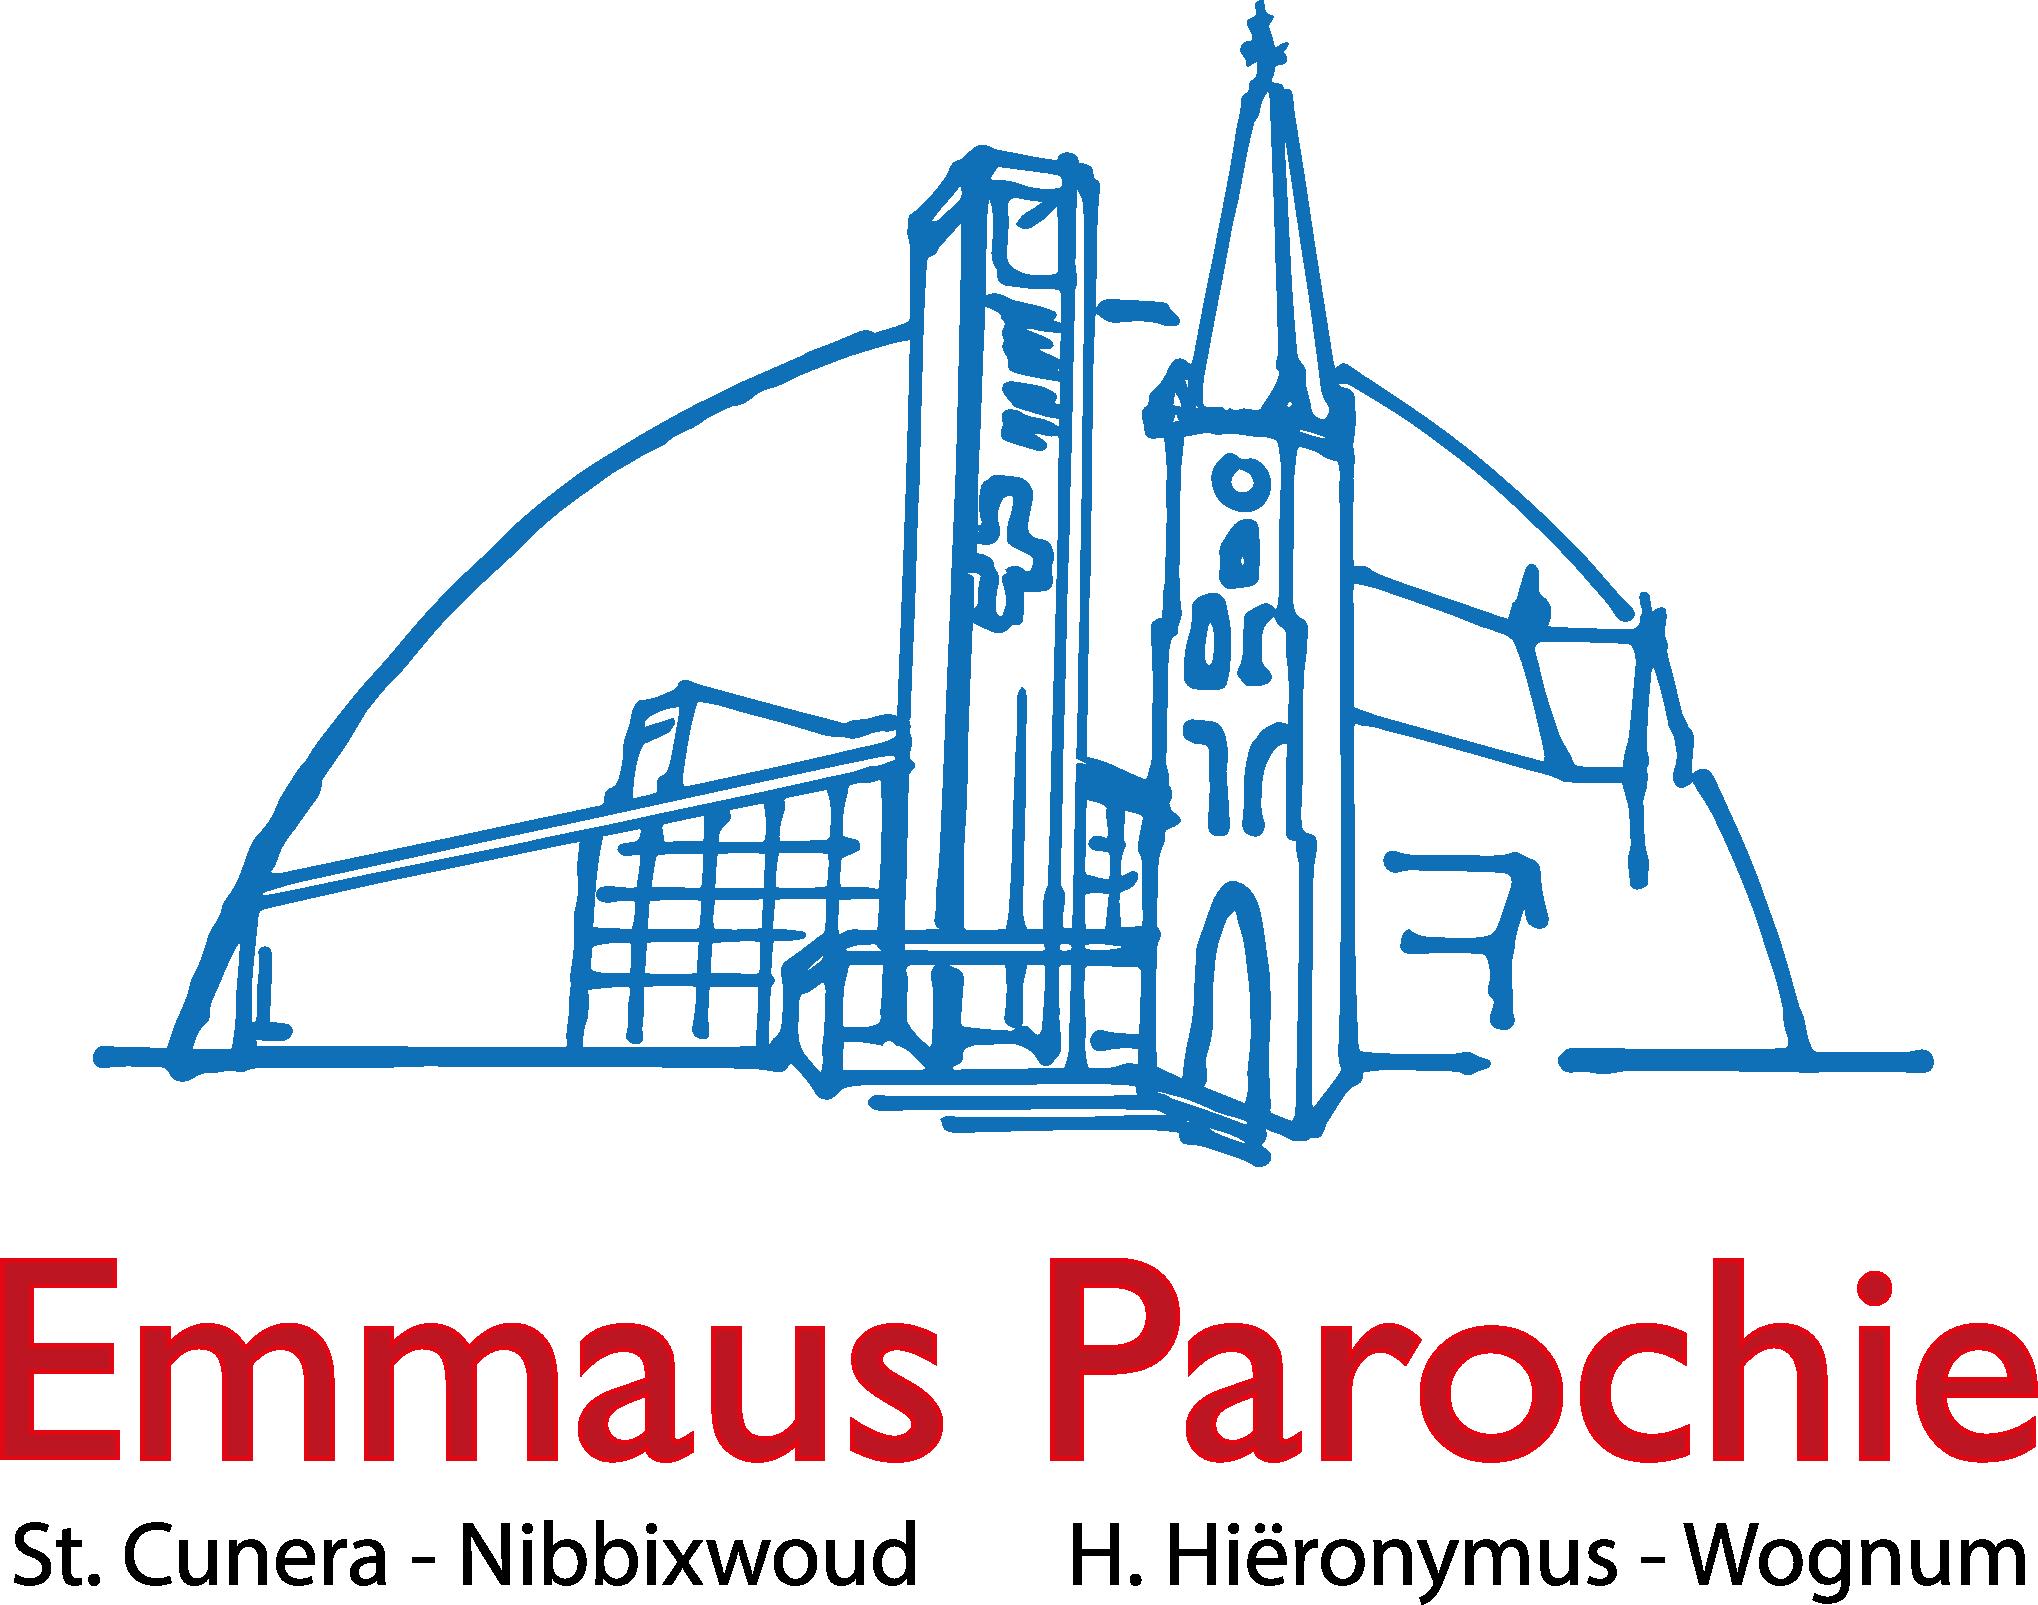 R.K. EmmausParochie